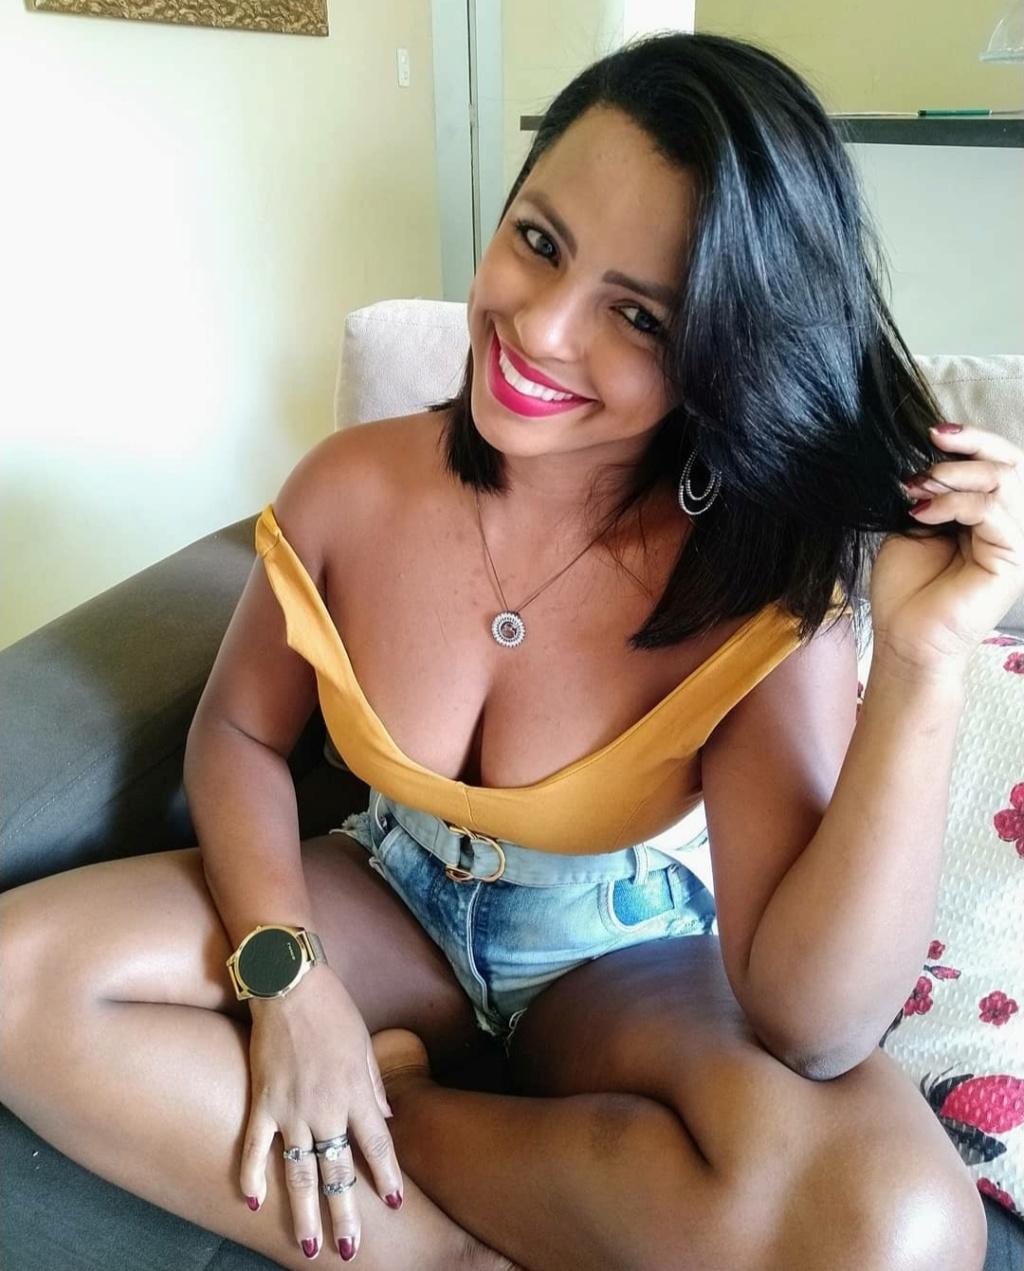 DEBATE sobre belleza, guapura y hermosura (fotos de chicas latinas, mestizas, y de todo) - VOL II - Página 3 Img_1082